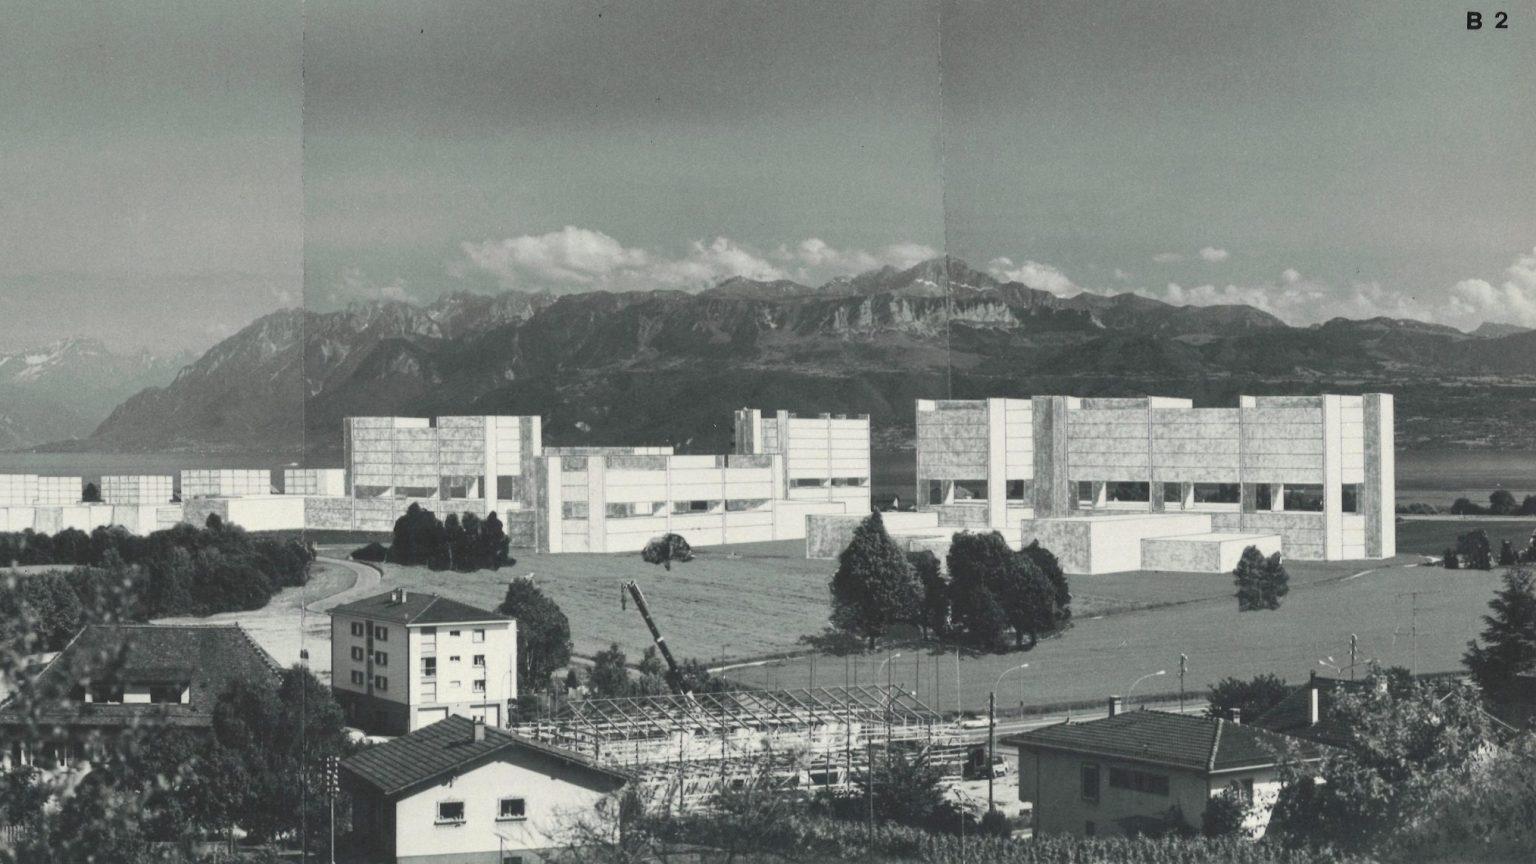 Zweifel + Strickler + Associés et Urbaplan, Photomontage du projet de 1971, détail (DII) Le photomontage est réalisé en vue du Message aux Chambres fédérales. Le choix de la couleur blanche est surprenant car il accentue l'effet d'écran. Les bâtiments atteignent la hauteur de 42.9 m.